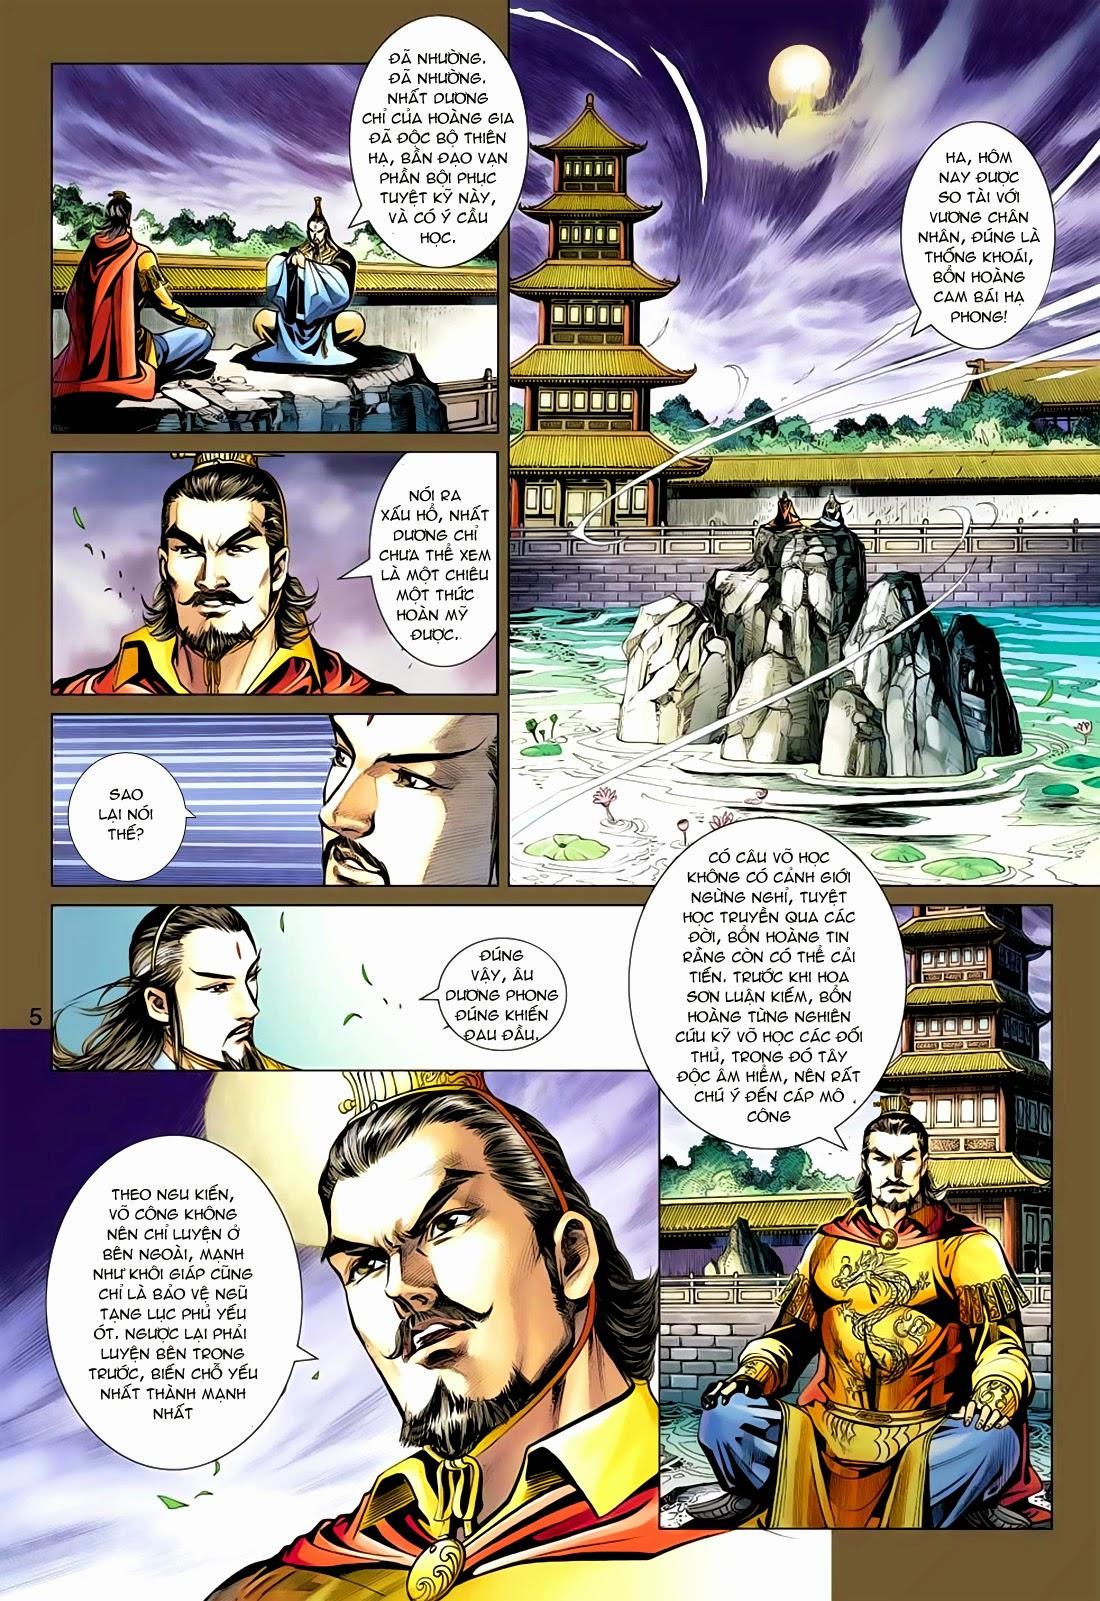 Anh Hùng Xạ Điêu anh hùng xạ đêu chap 77: thế thượng tối cường võ công trang 5